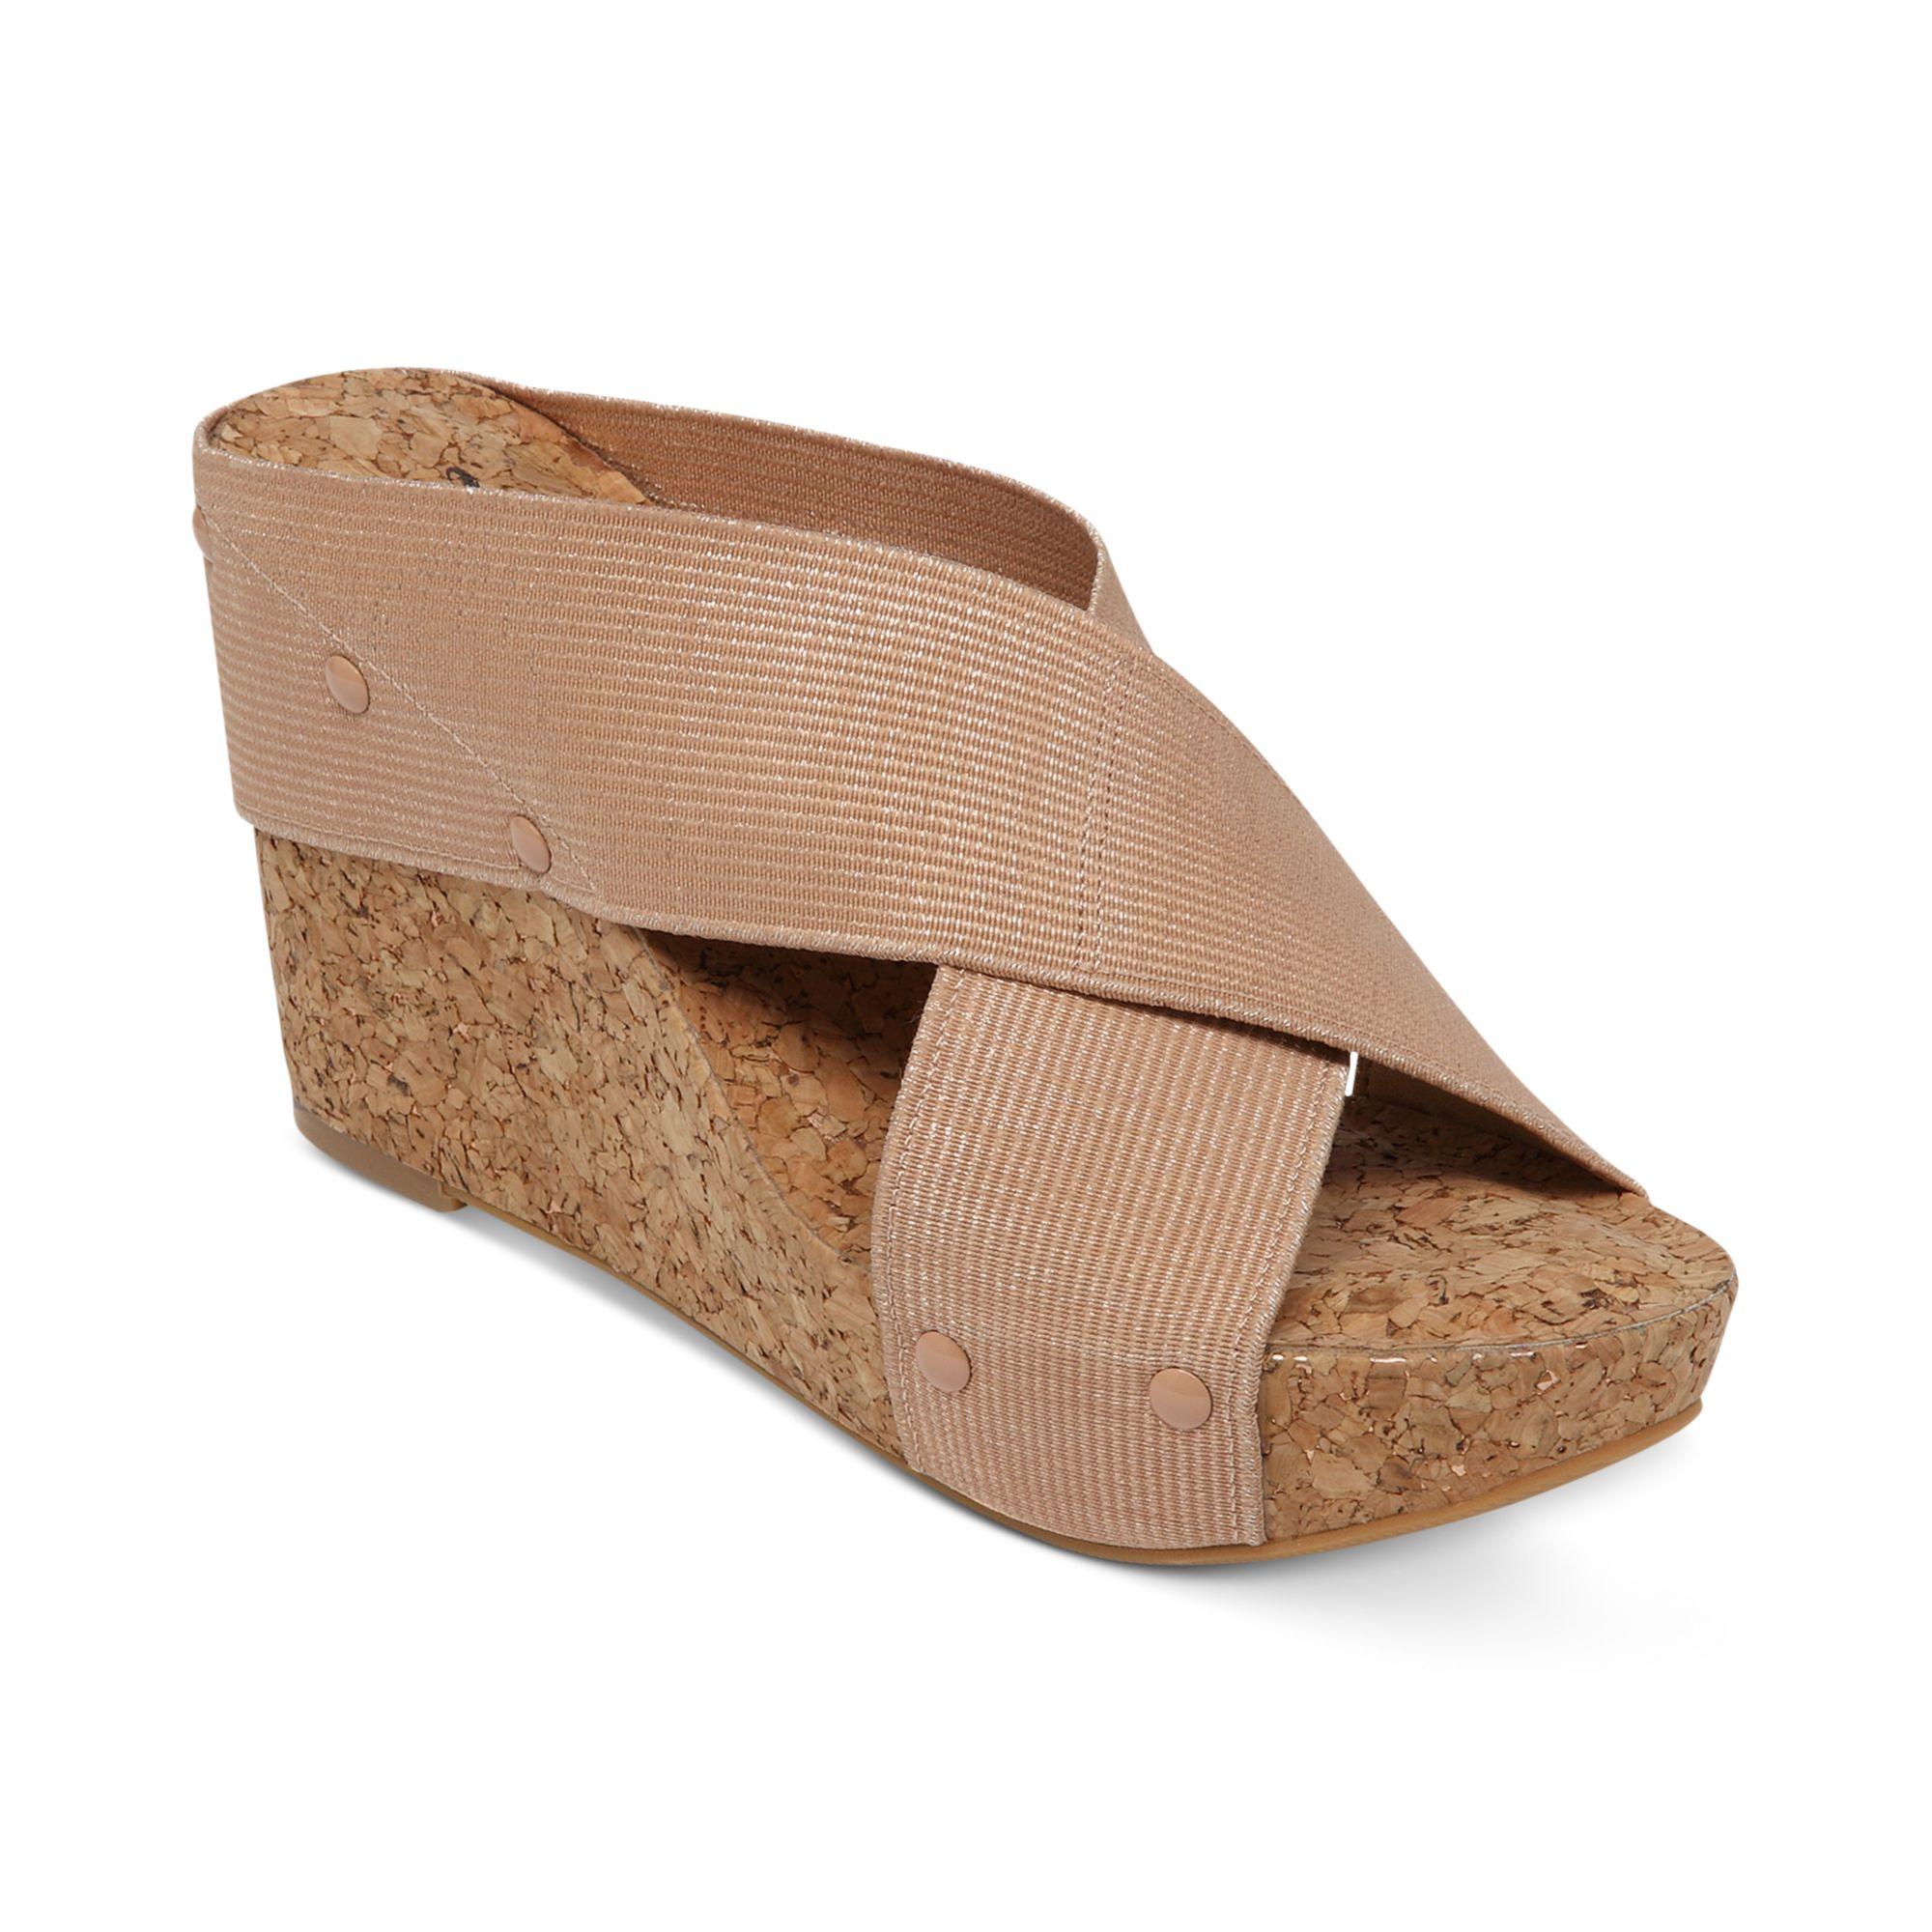 lucky brand miller2 platform wedge sandals in pink blush